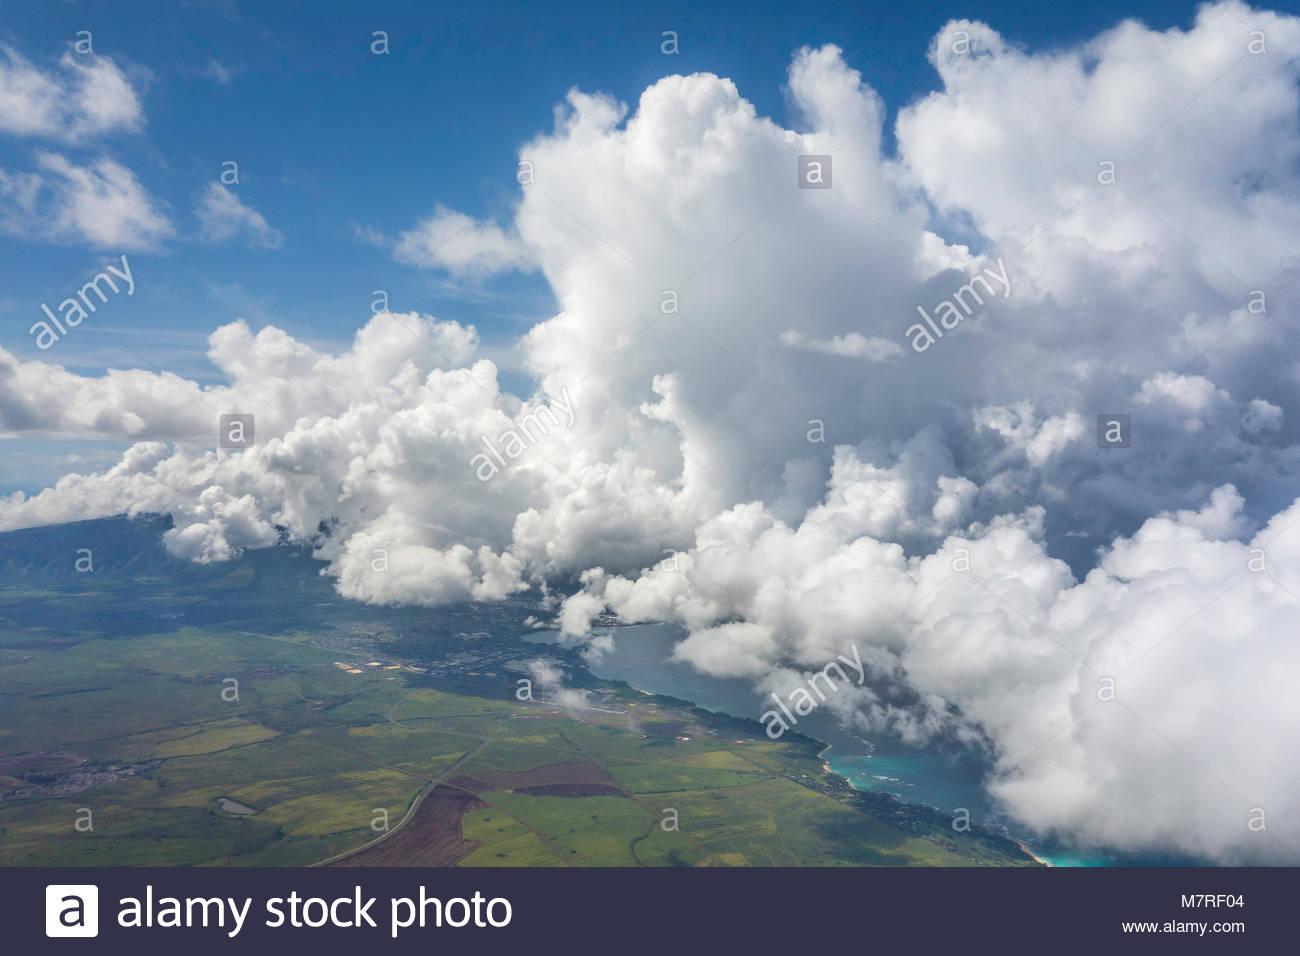 warm-moist-air-rising-over-mountainous-m